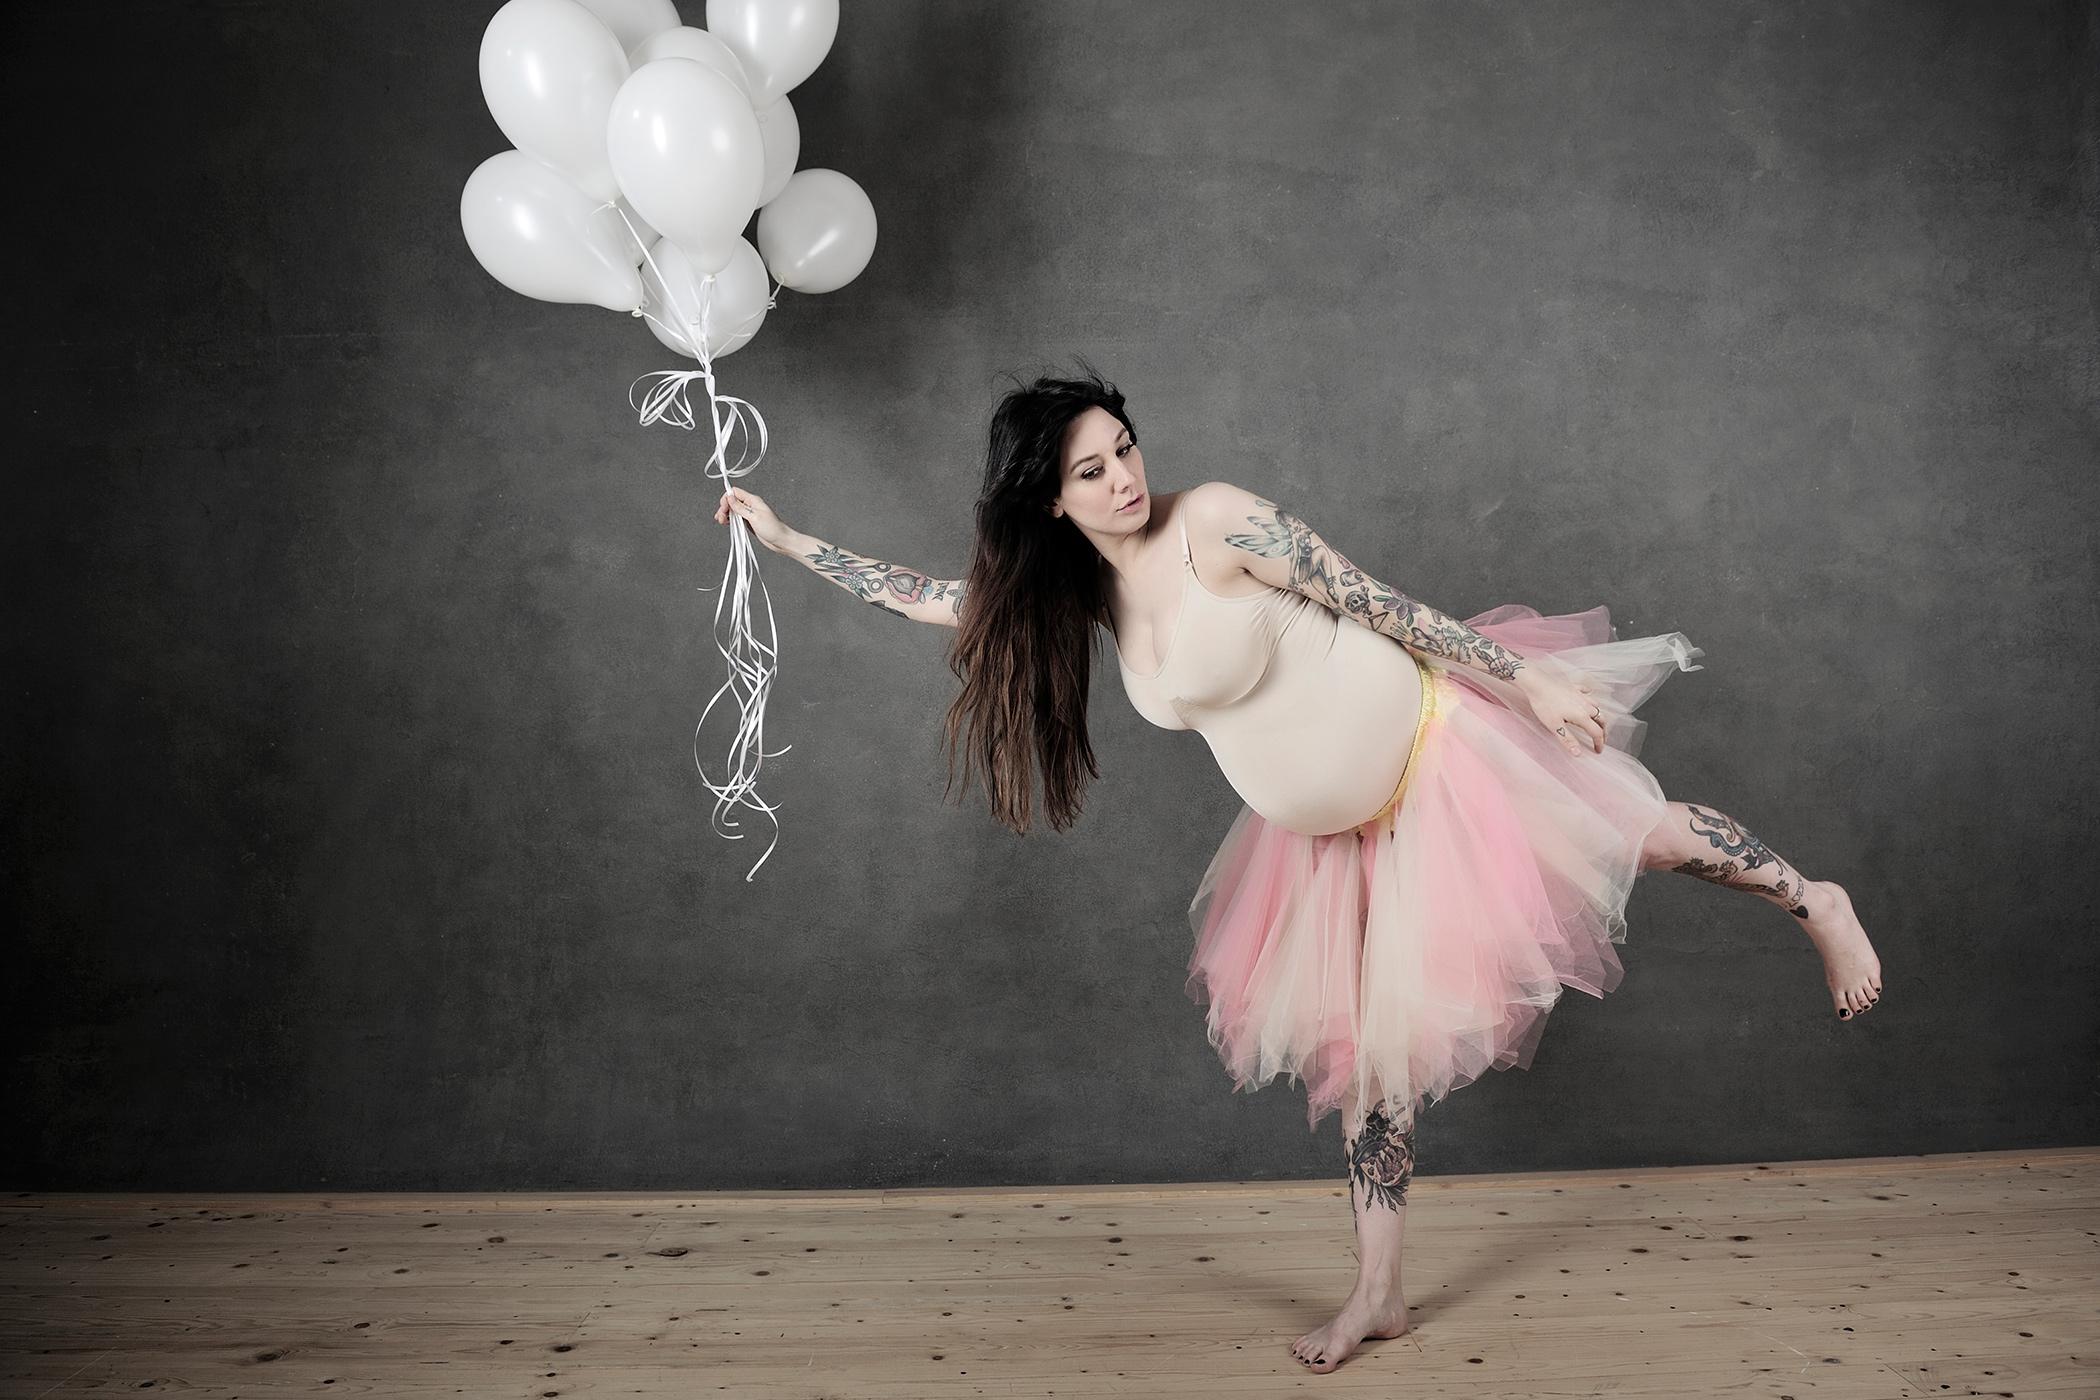 Myriam Topel Fotografie - Schwangerschaftsfotos